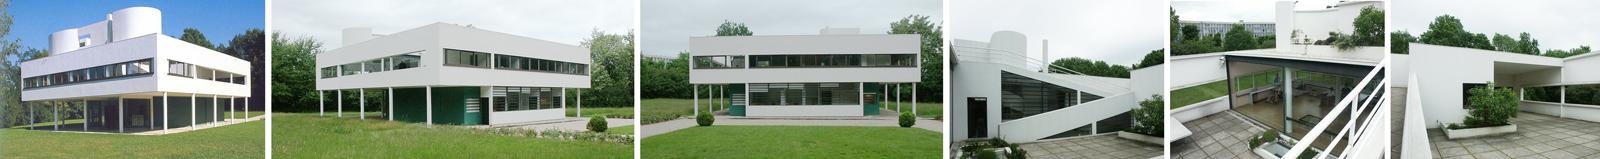 villa Savoye architecture